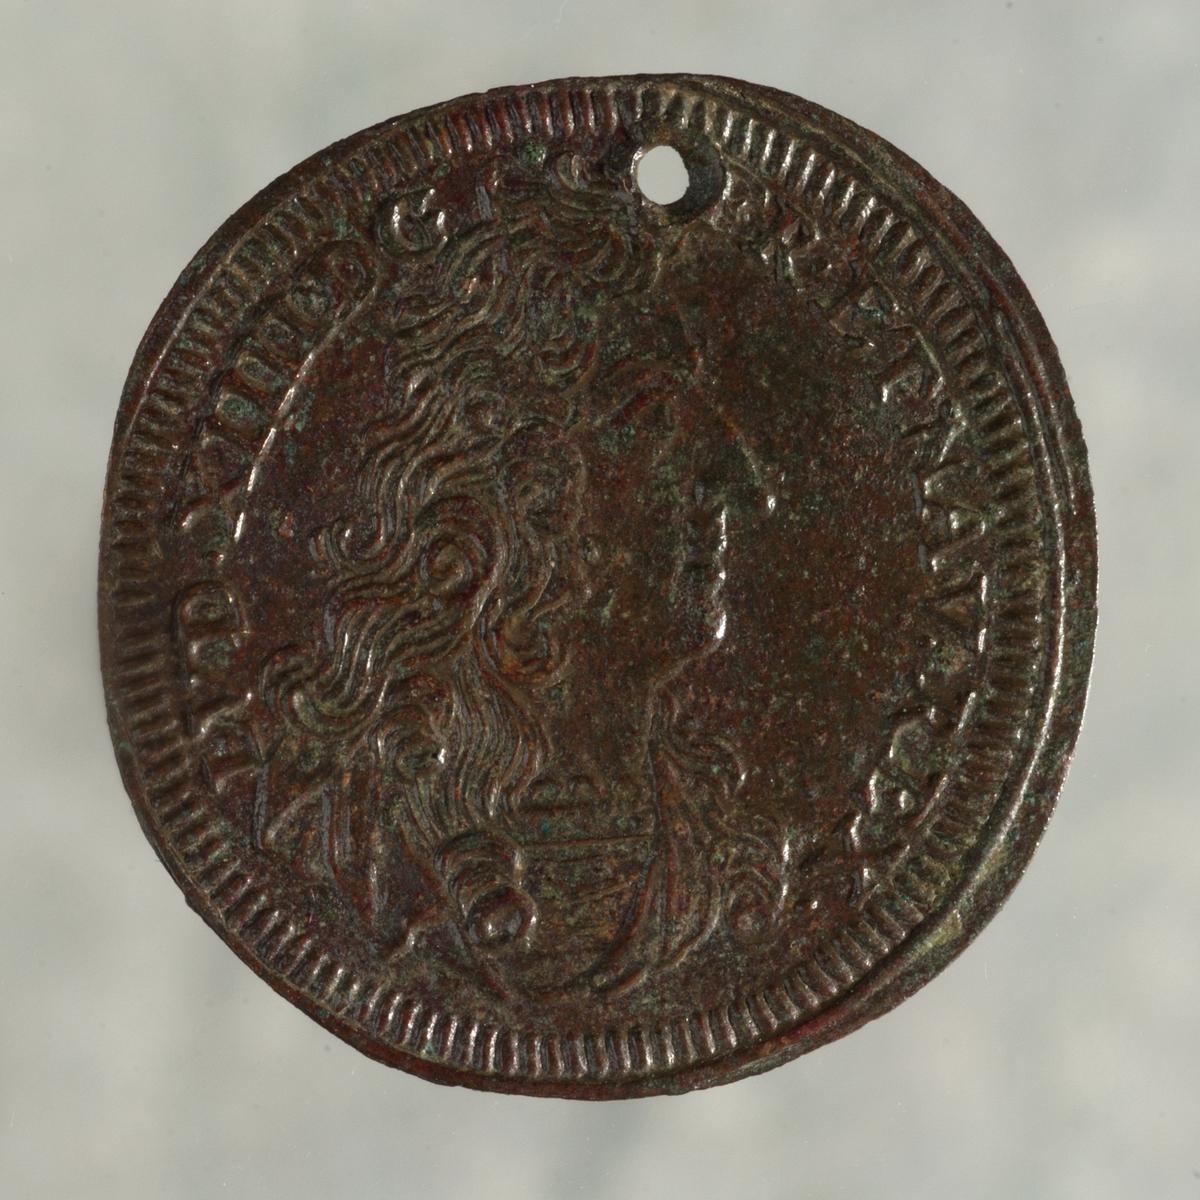 Mynt av mässing. Räknepenning. Johann Konrad Hoger (1705-1743). Nürnberg, Tyskland. Perforerad.